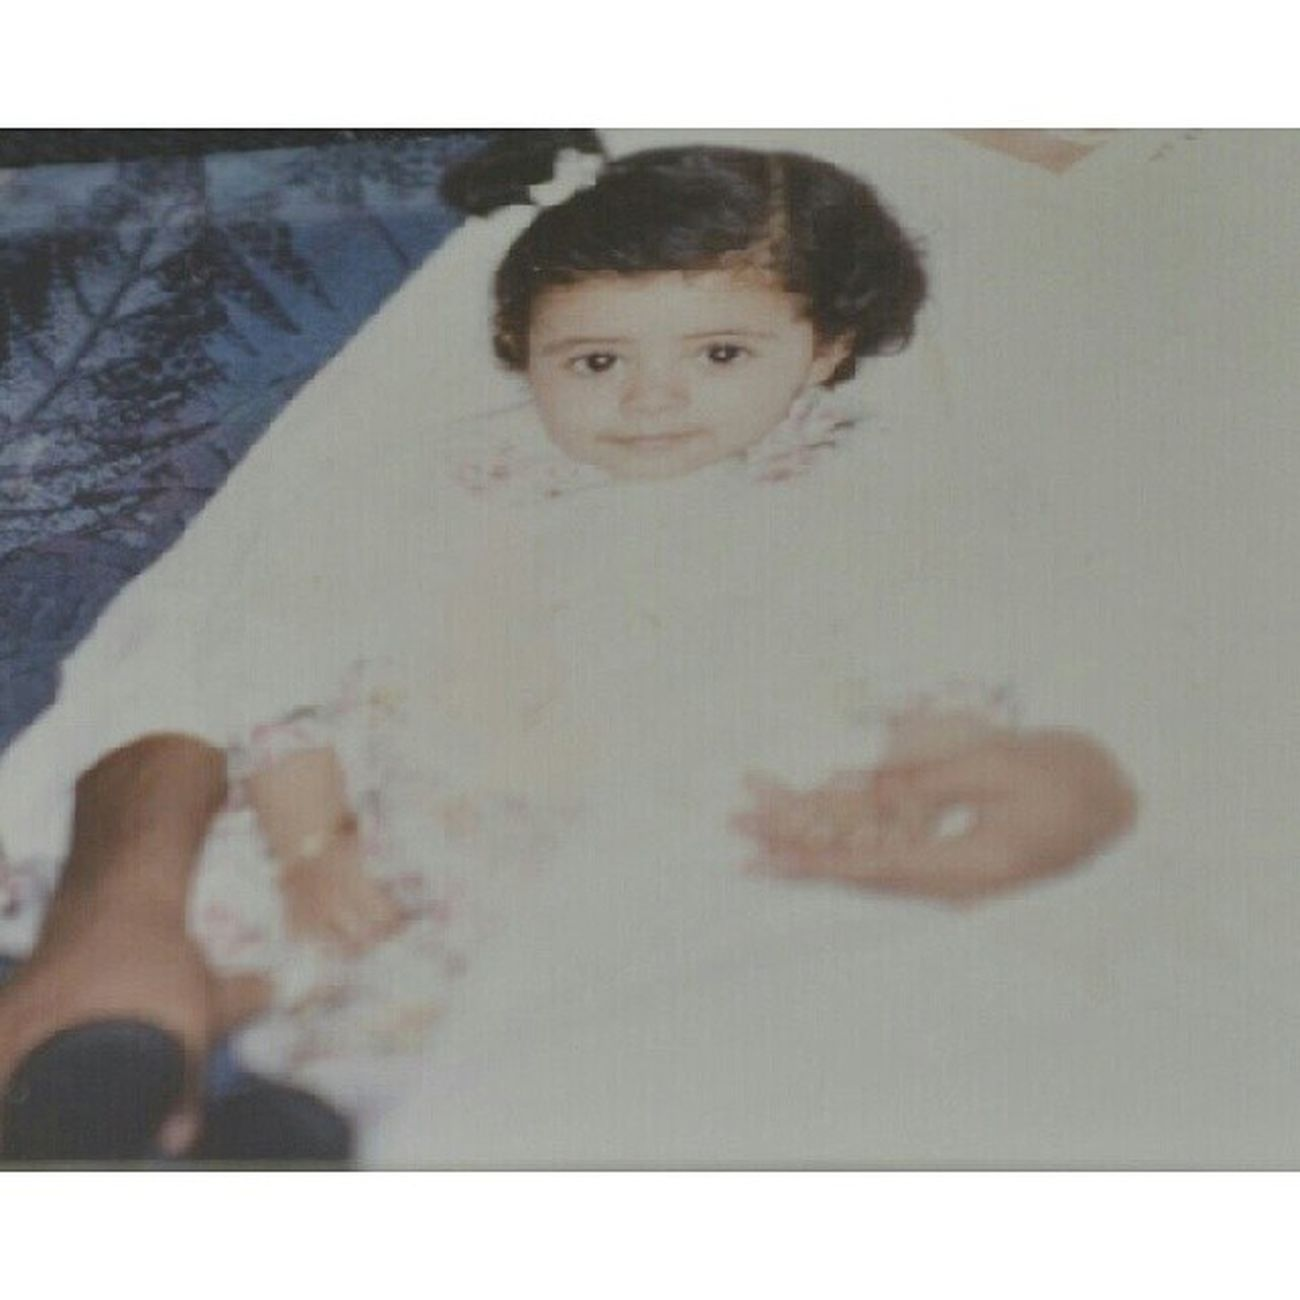 ذكرياتي ذكريات_الطفوله صور اطفال *عندما كنت صغيره كنت دائما احلم باننني اكبر وعندما كبرت تمنيت لو اعود صغيره ليس لشي فقط بل لاشاياء كثيره../♡